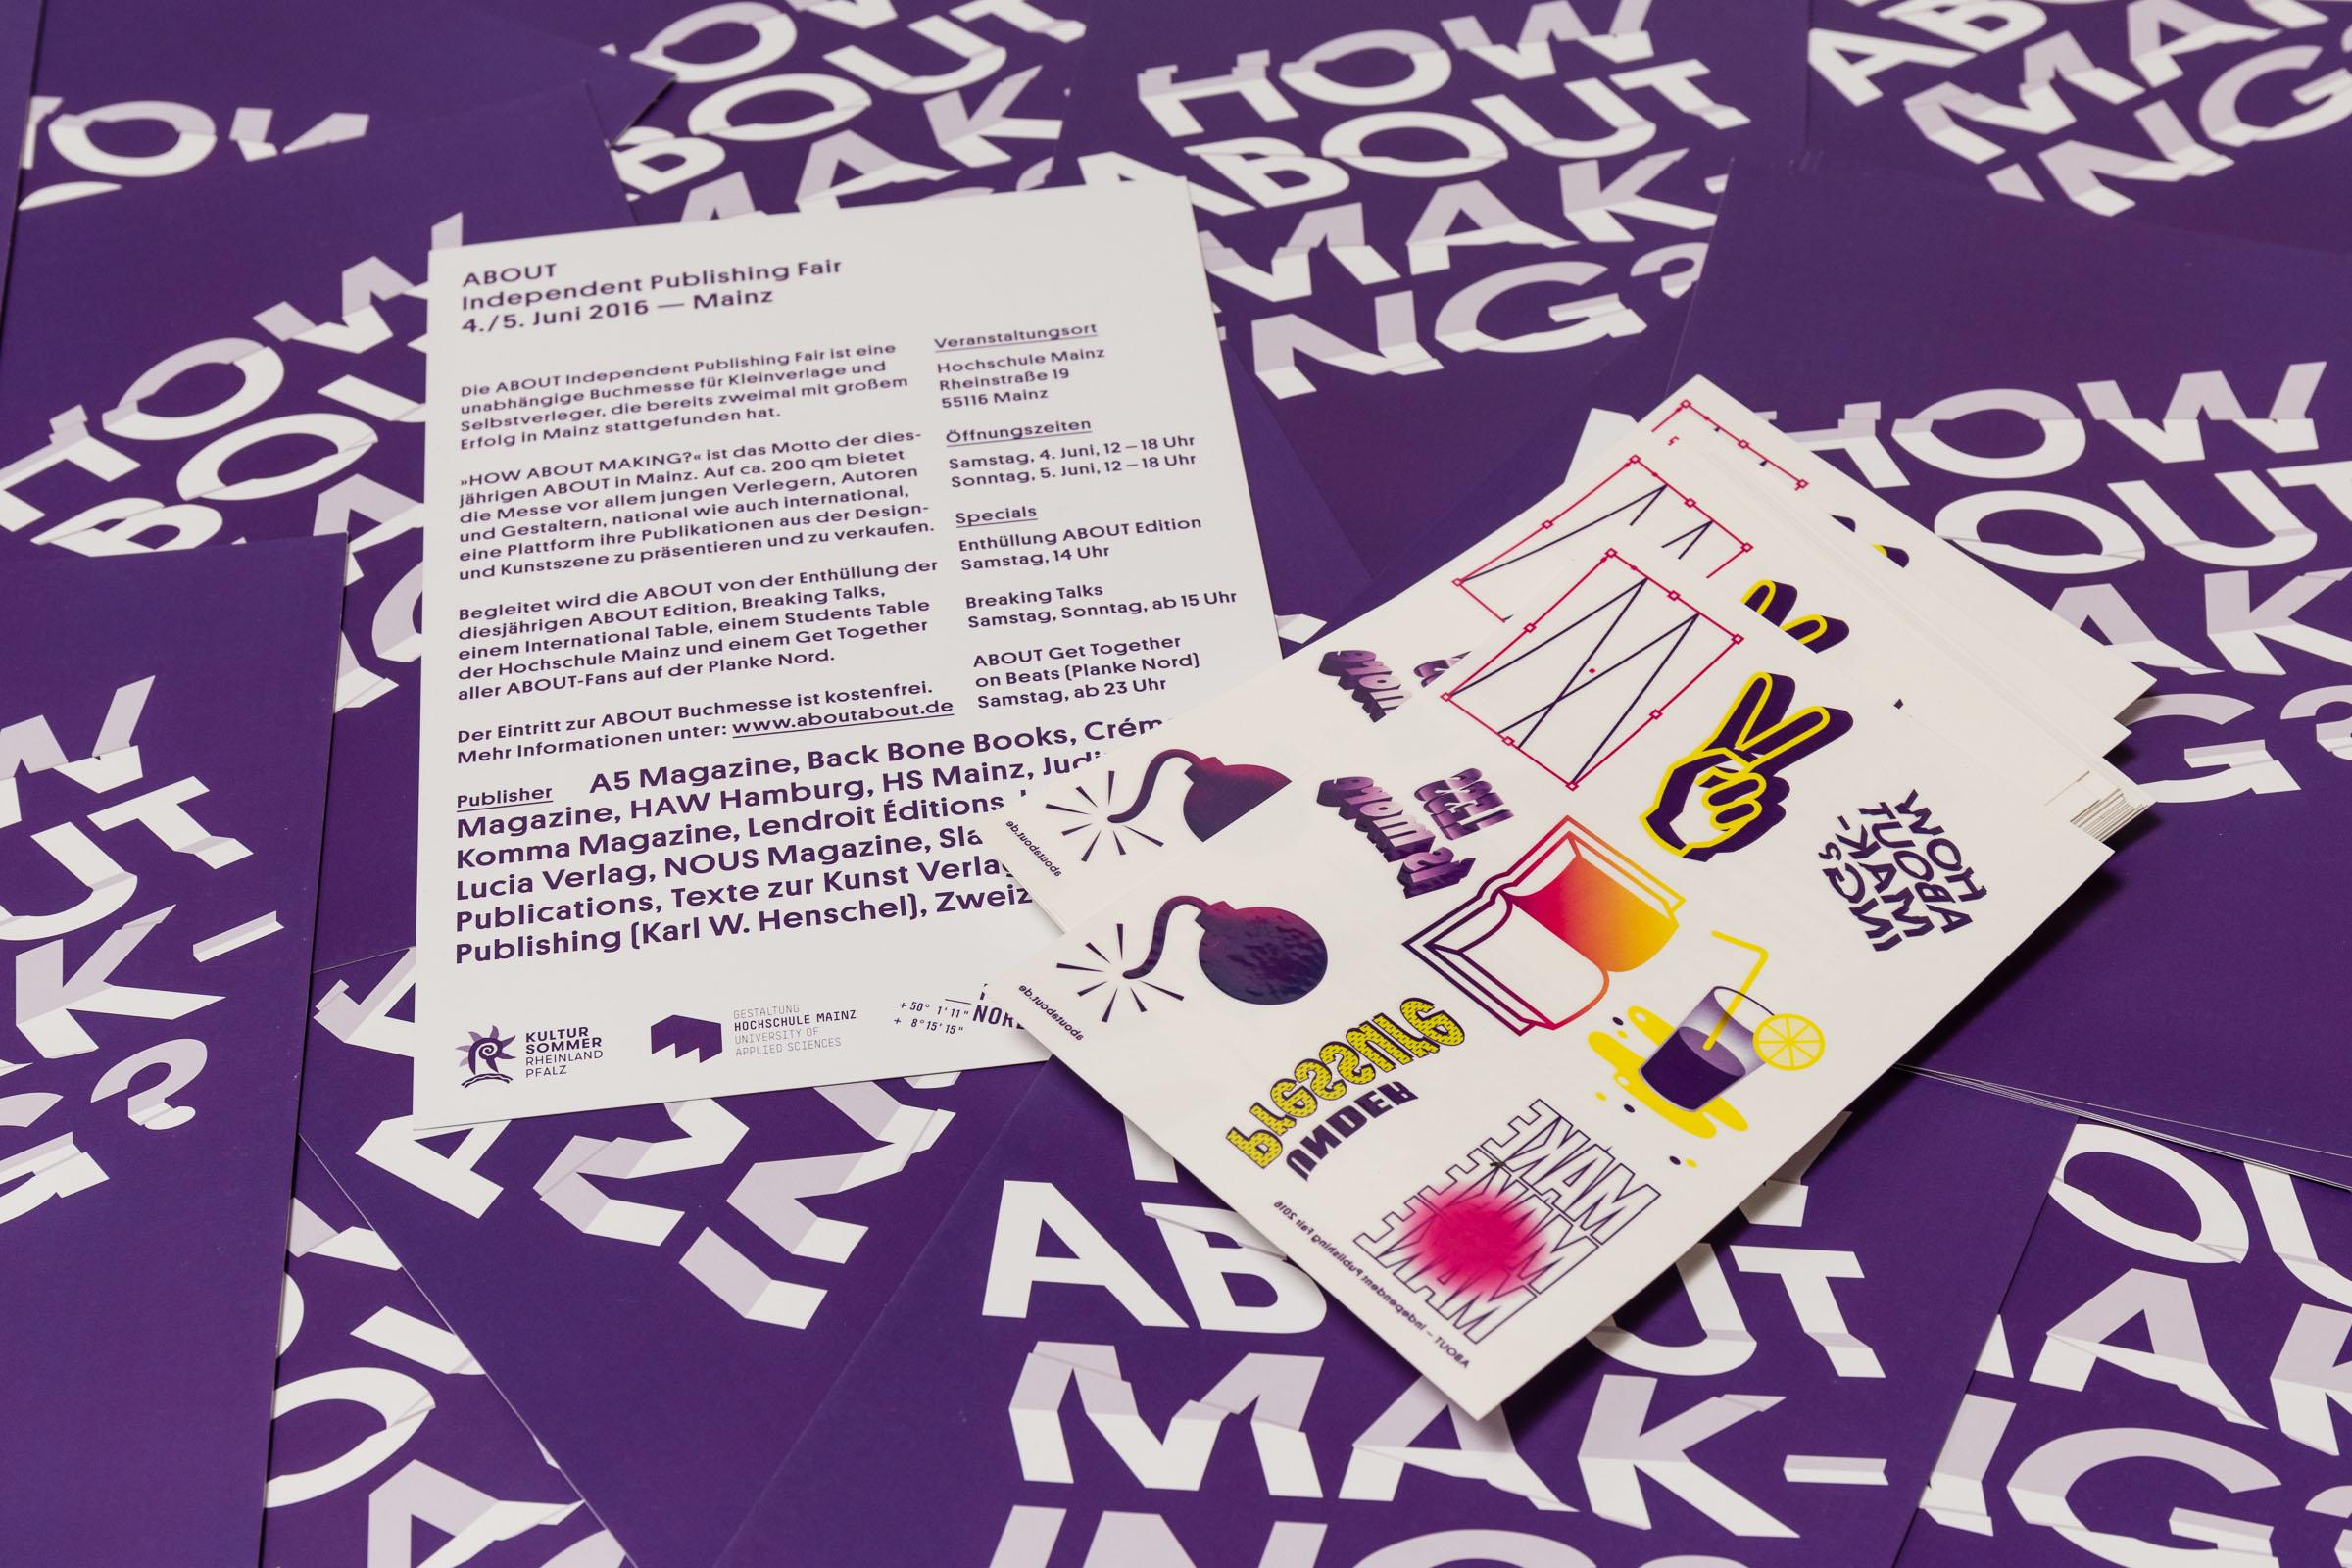 Rückseite Flyer DIN A5 und Sticker ABOUT Tattoo-Edition 2016  © Christian Weber – Büro für Gestaltung und Kommunikation